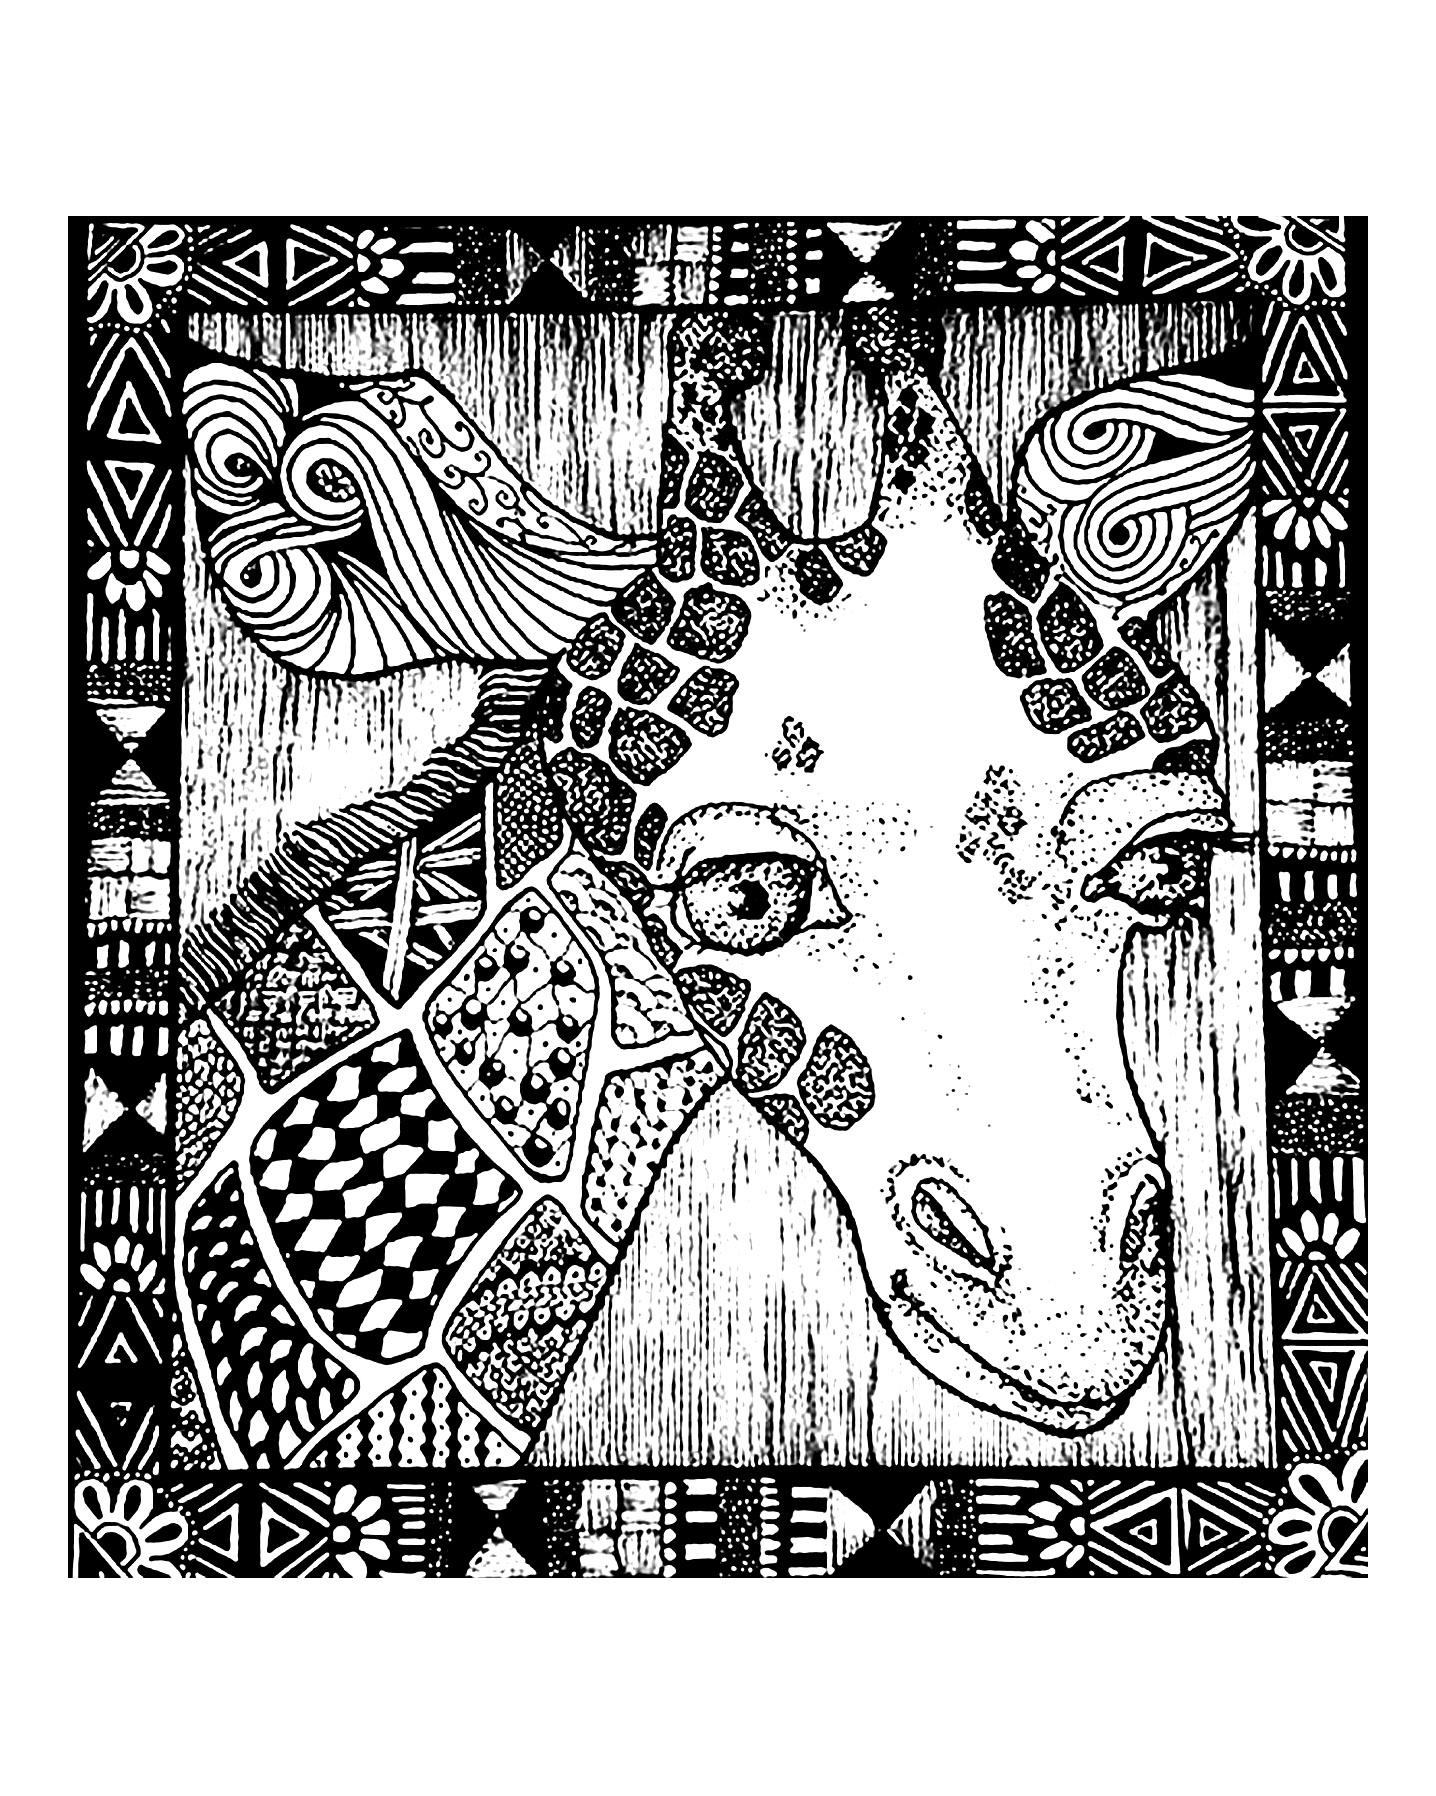 Une jolie tête de Girafe dans un encadrement au style africain